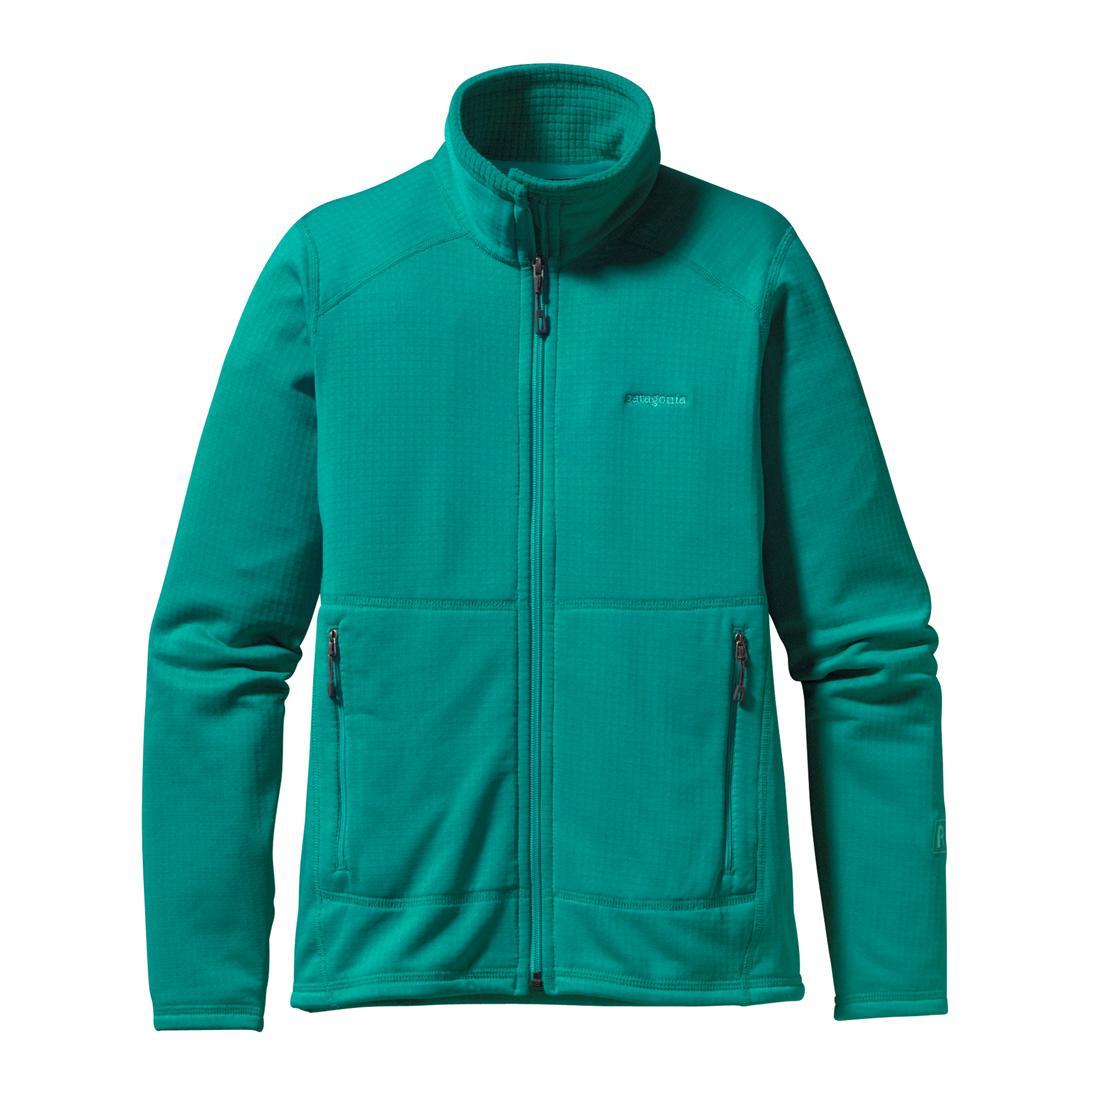 Куртка 40136 R1 FULL-ZIP жен.Куртки<br><br>Женская куртка Patagonia R1 FULL-ZIP изготовлена из мягкого и теплого флиса и может надеваться как отдельно, так и в качестве дополнительного уте...<br><br>Цвет: Цвет морской волны<br>Размер: S